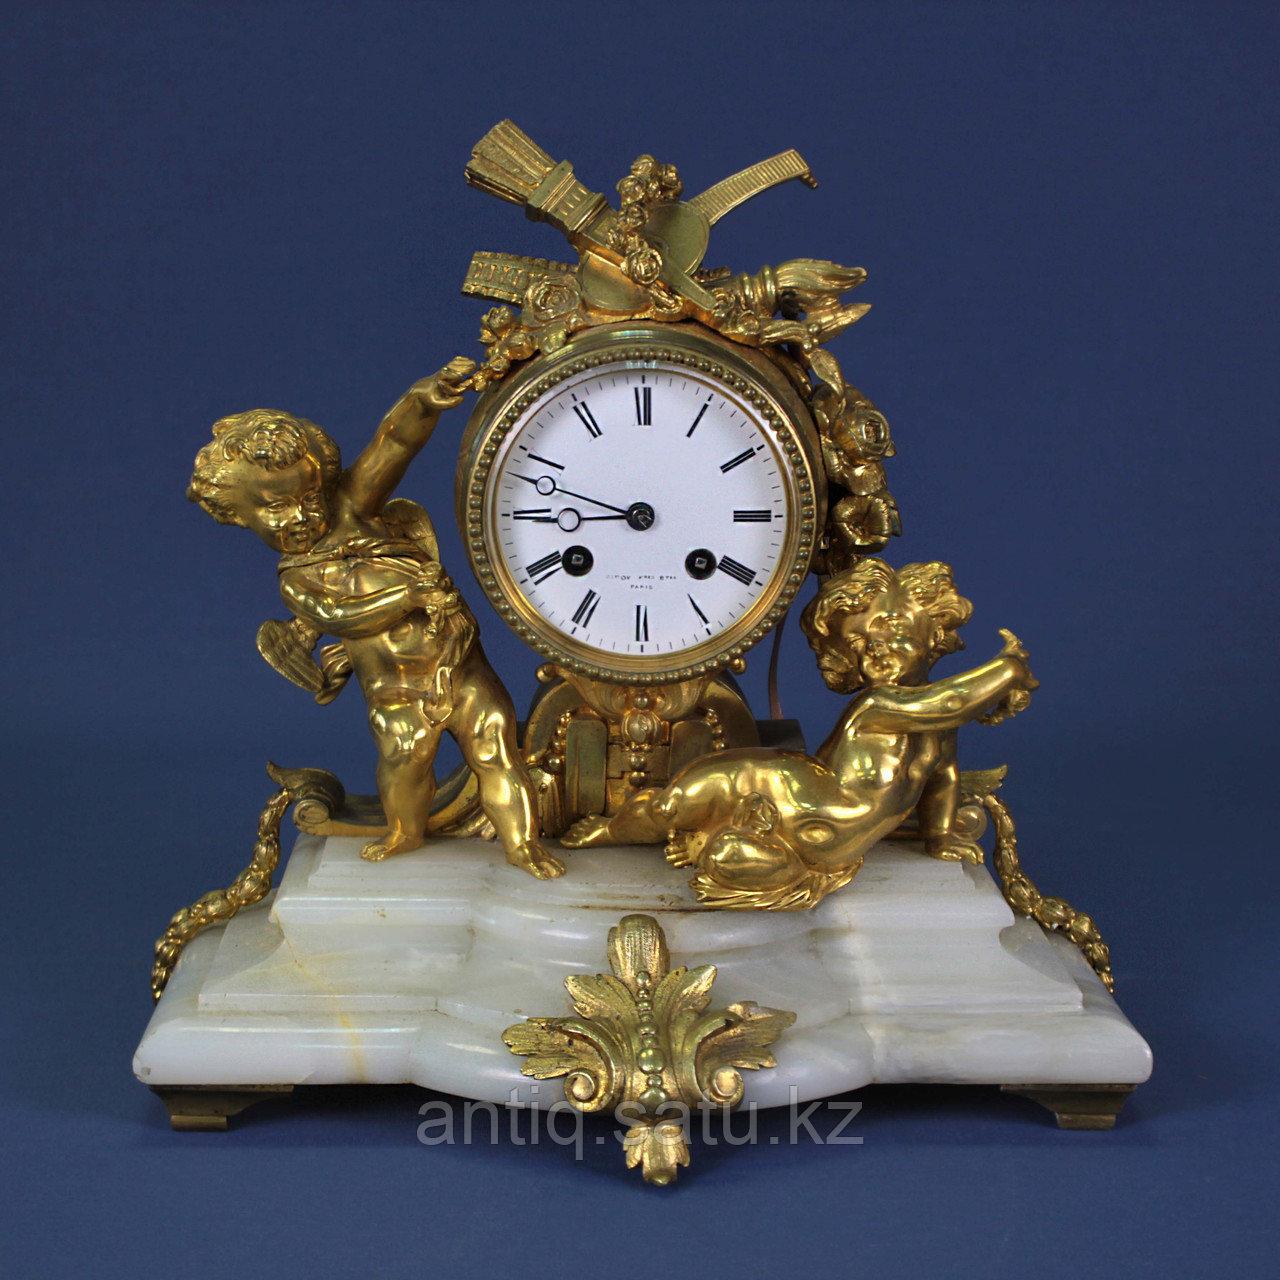 Каминные часы в стиле Людовика XVI. Часовая мастерская Miroy Freres - фото 1